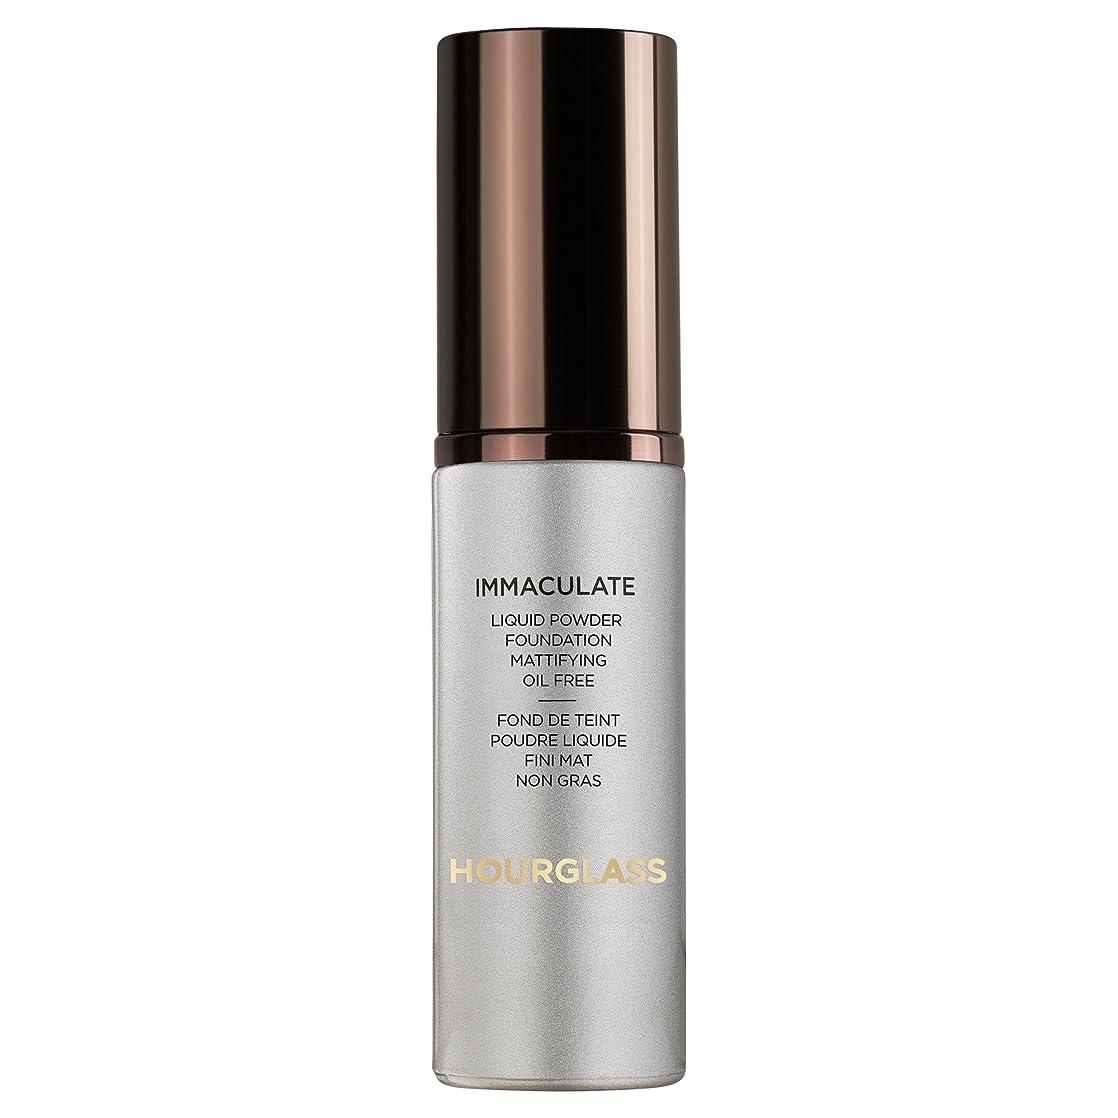 硬化するアフリカ人自分の自然の砂時計真っ白な液体パウダーファンデーション (Hourglass) (x2) - Hourglass Immaculate Liquid Powder Foundation Natural (Pack of 2) [並行輸入品]